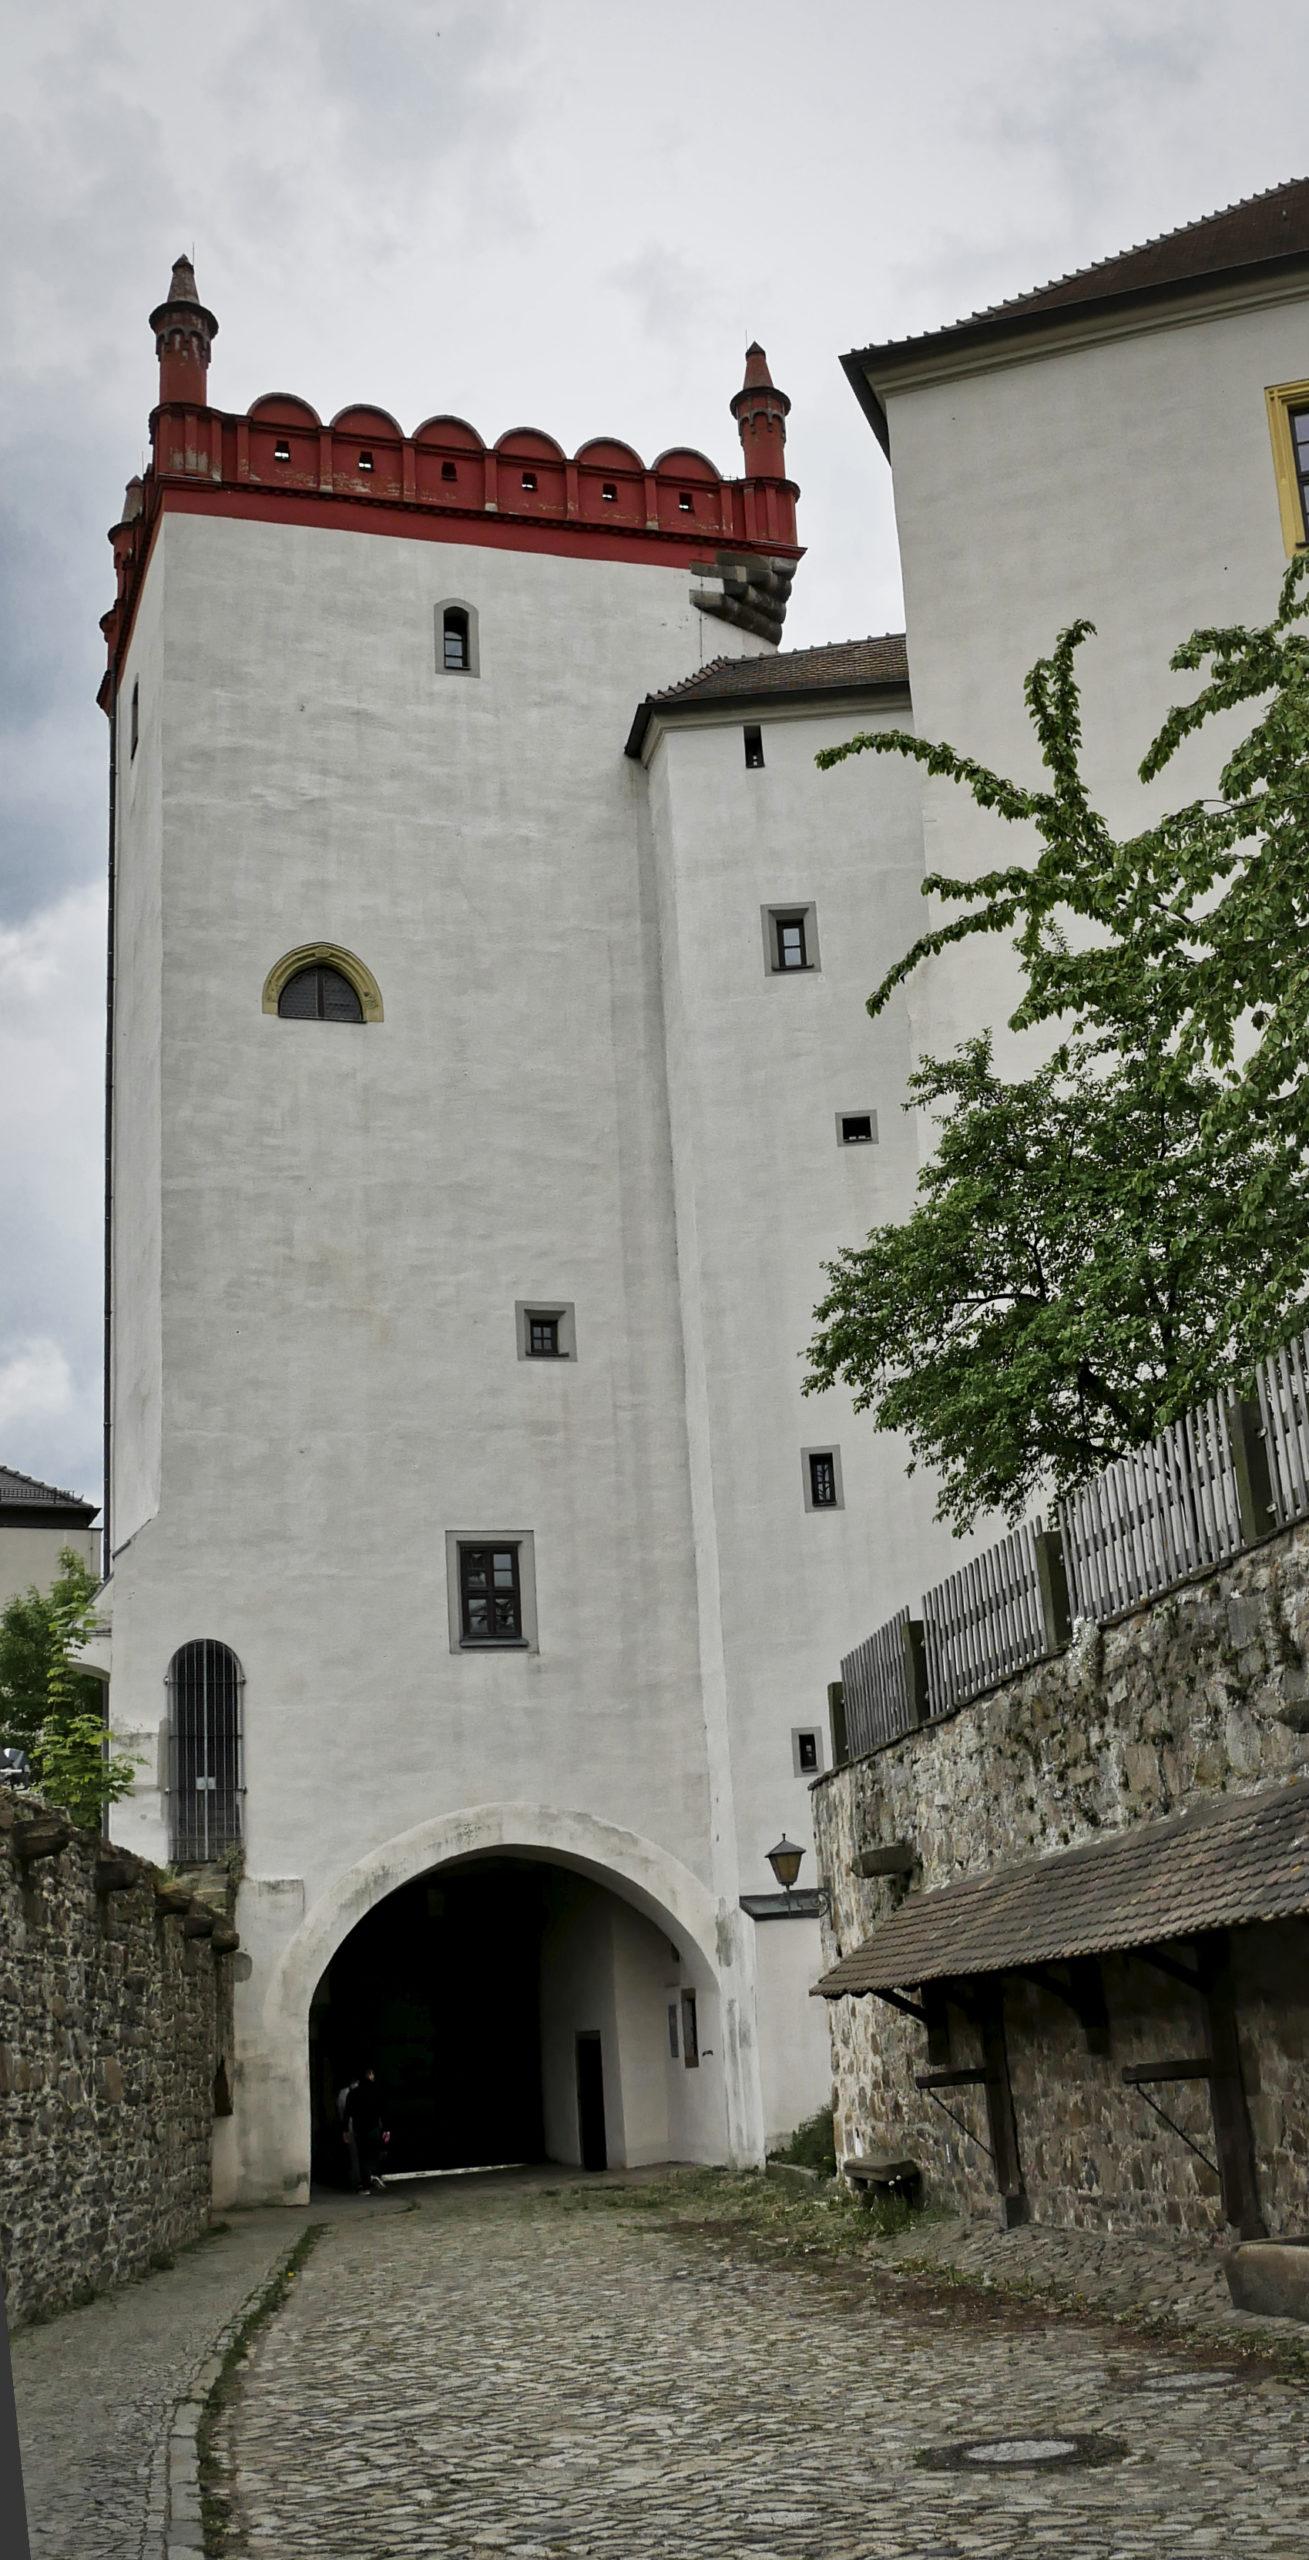 Matthiasturm bautzen 3 scaled